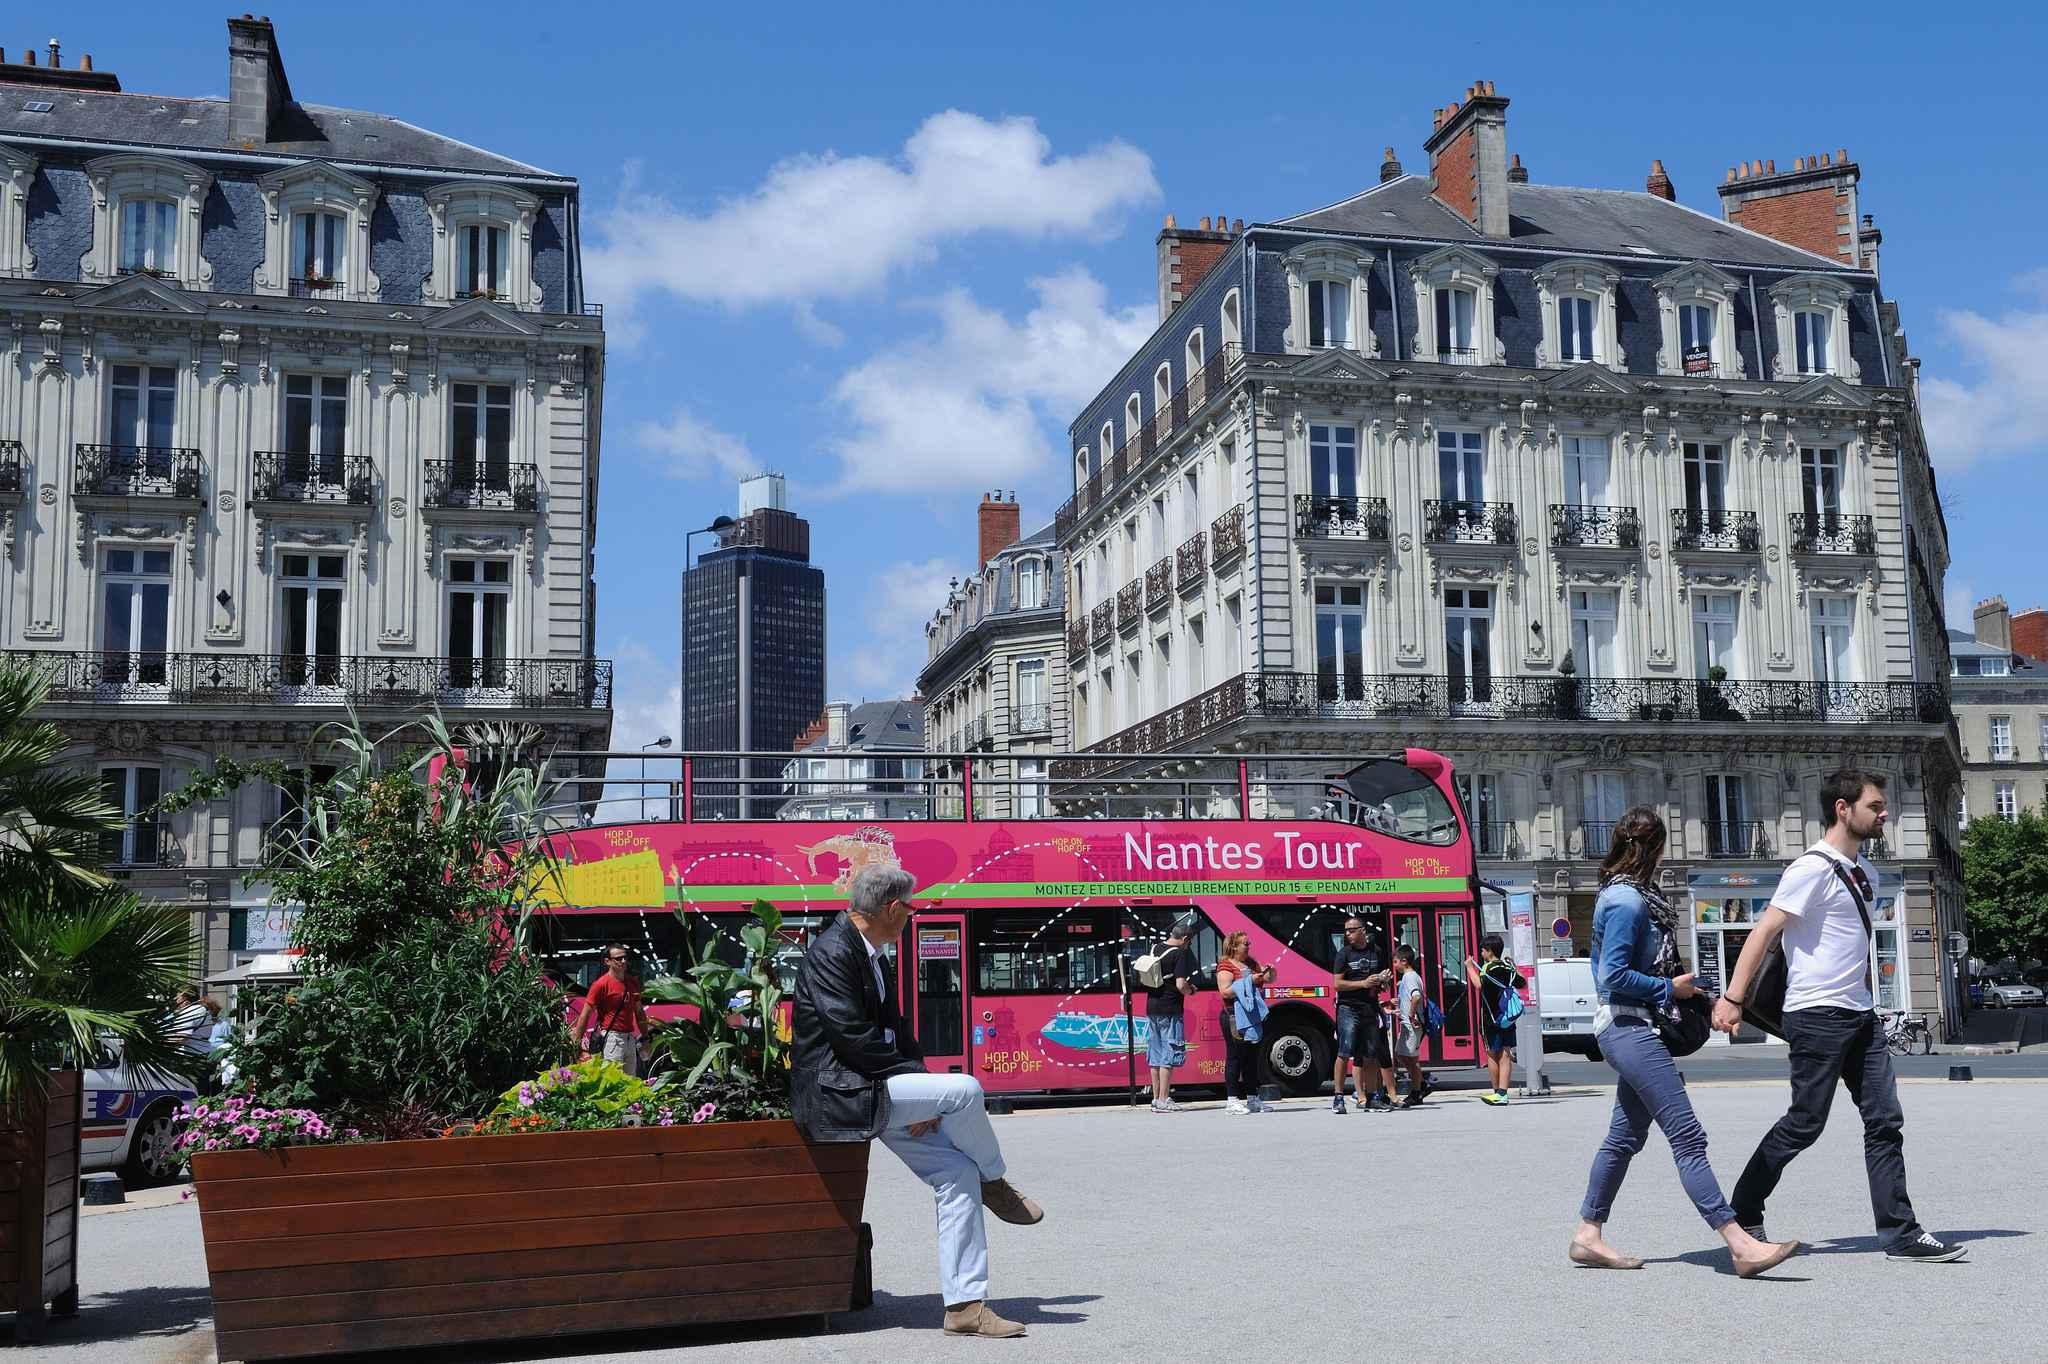 nantes deuxi me du classement des villes les plus attractives pour un parisien. Black Bedroom Furniture Sets. Home Design Ideas